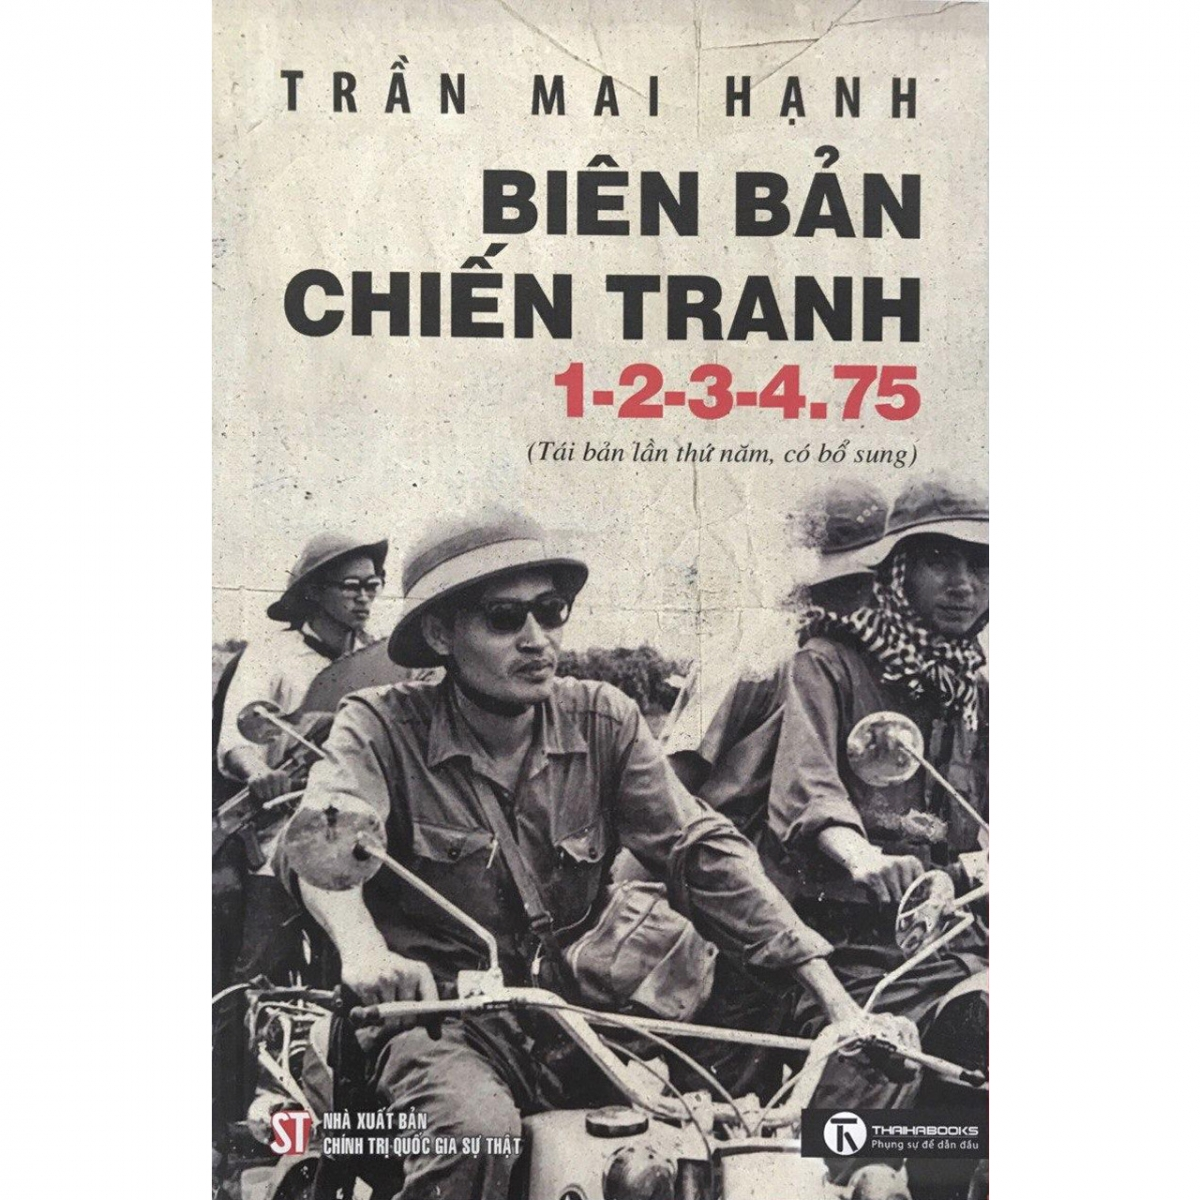 """Cuốn tiểu thuyết tư liệu lịch sử """"Biên bản chiến tranh 1-2-3-4.75""""."""